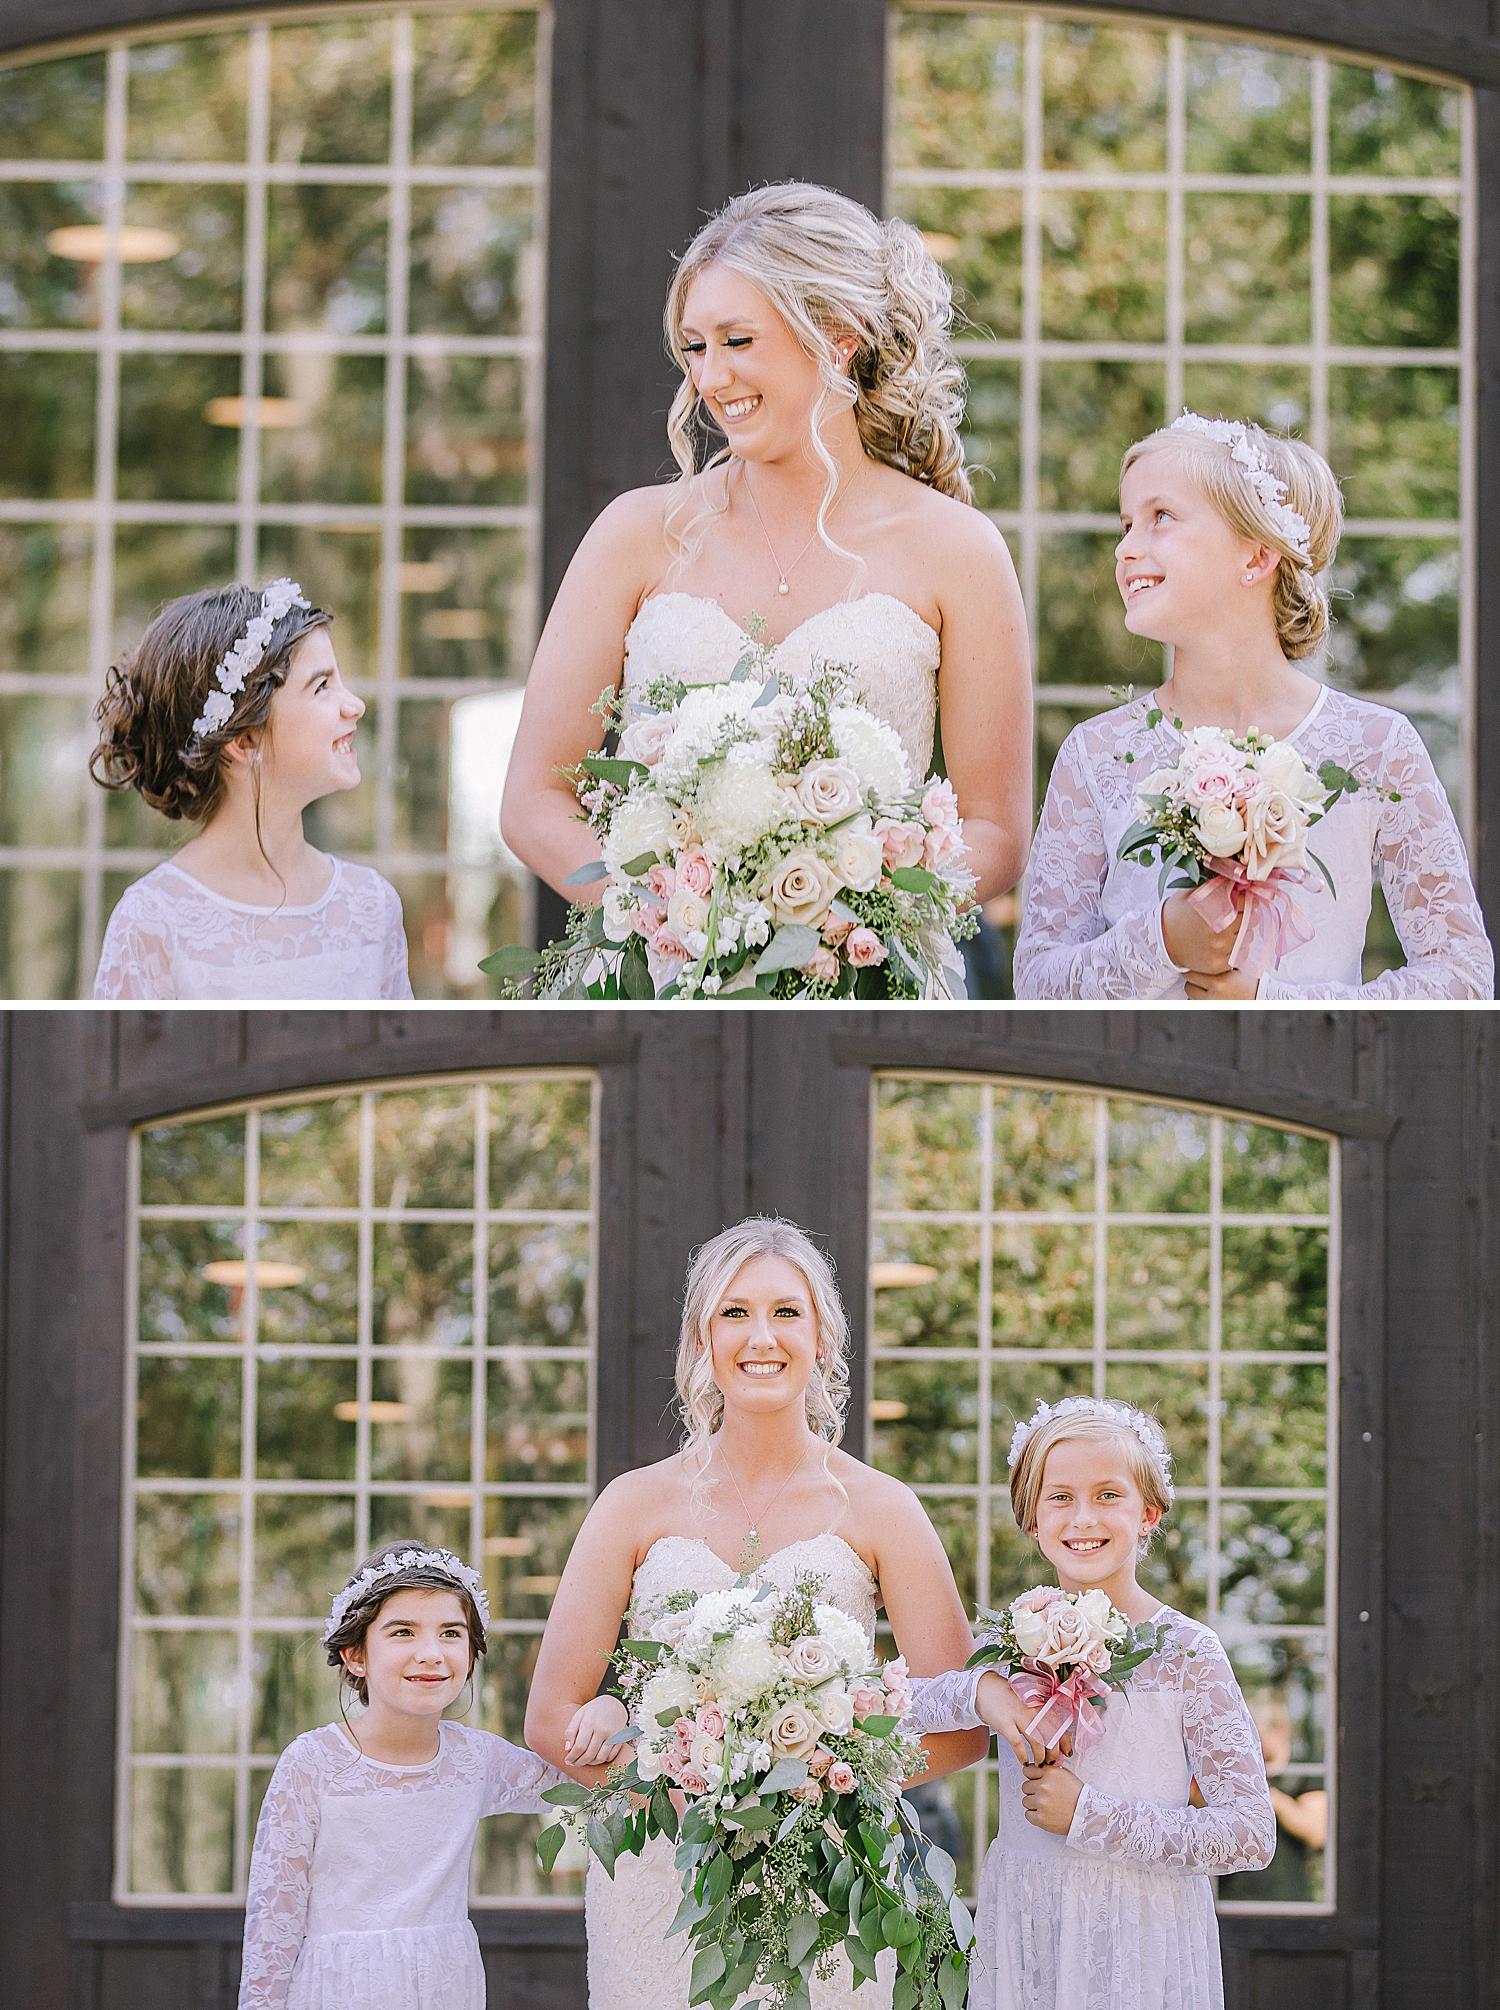 Rackler-Ranch-LaVernia-Texas-Wedding-Carly-Barton-Photography_0046.jpg